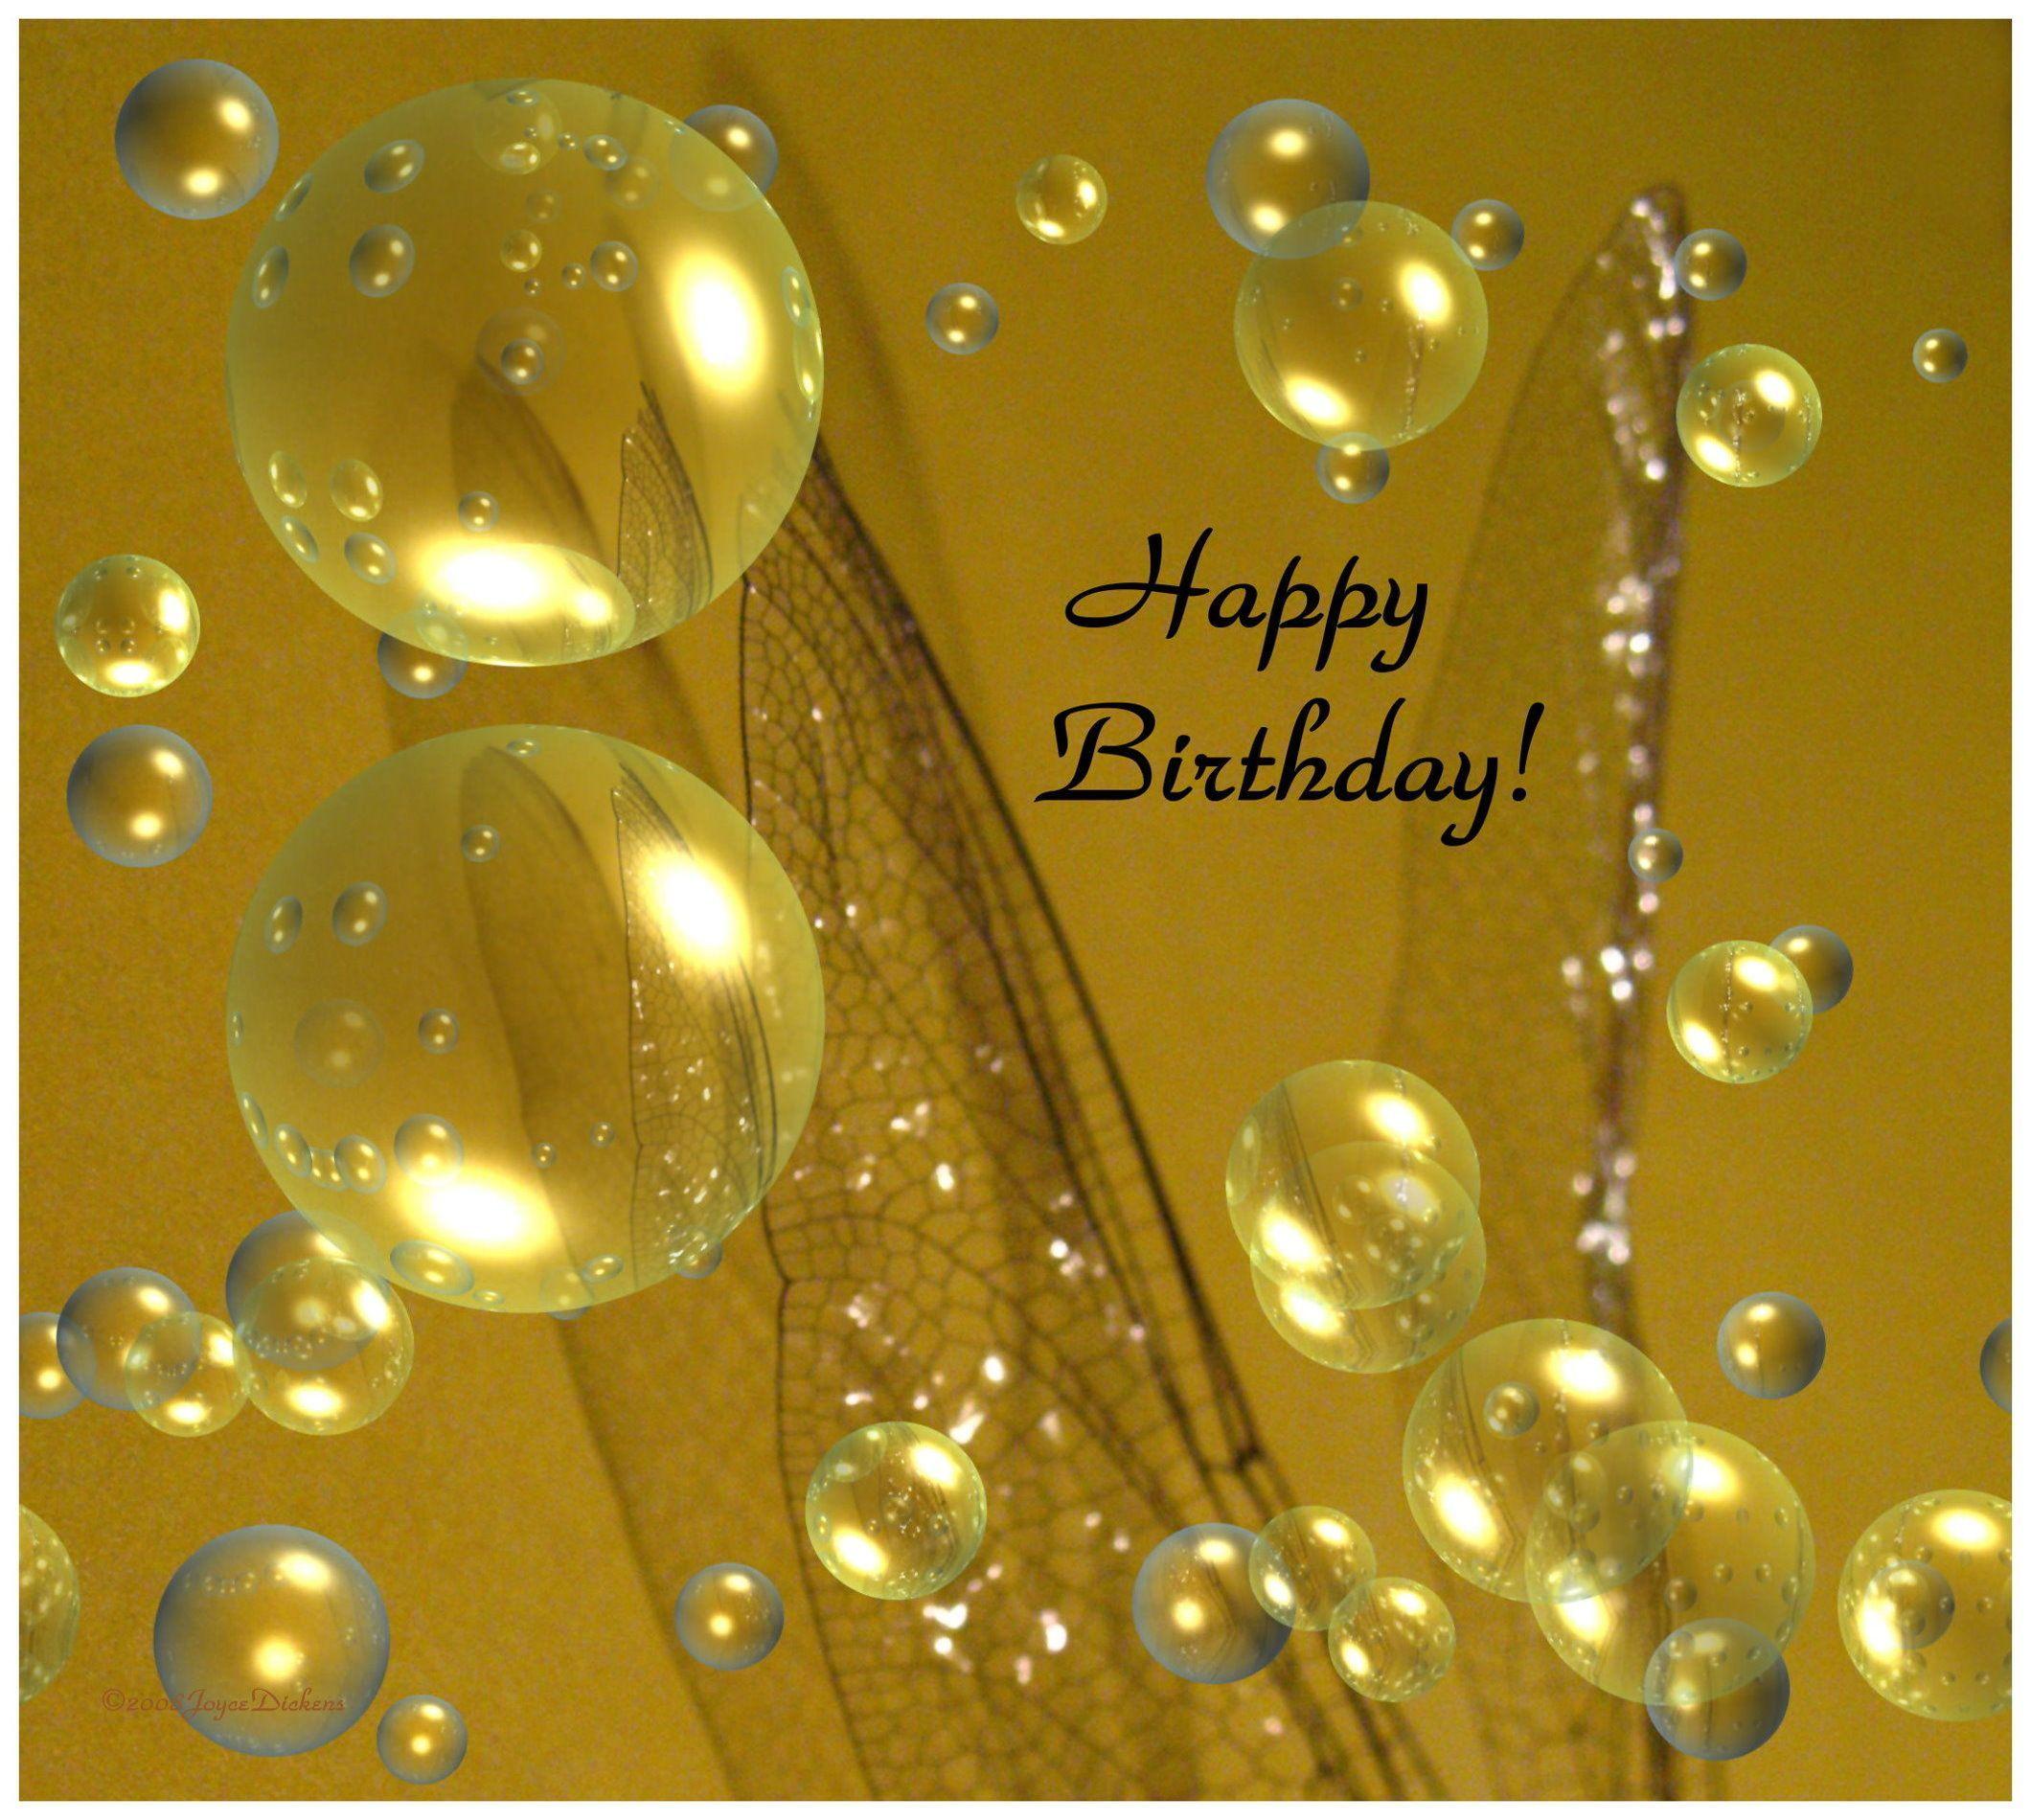 народного с днем рождения картинки гламурные пожелания субстрат может